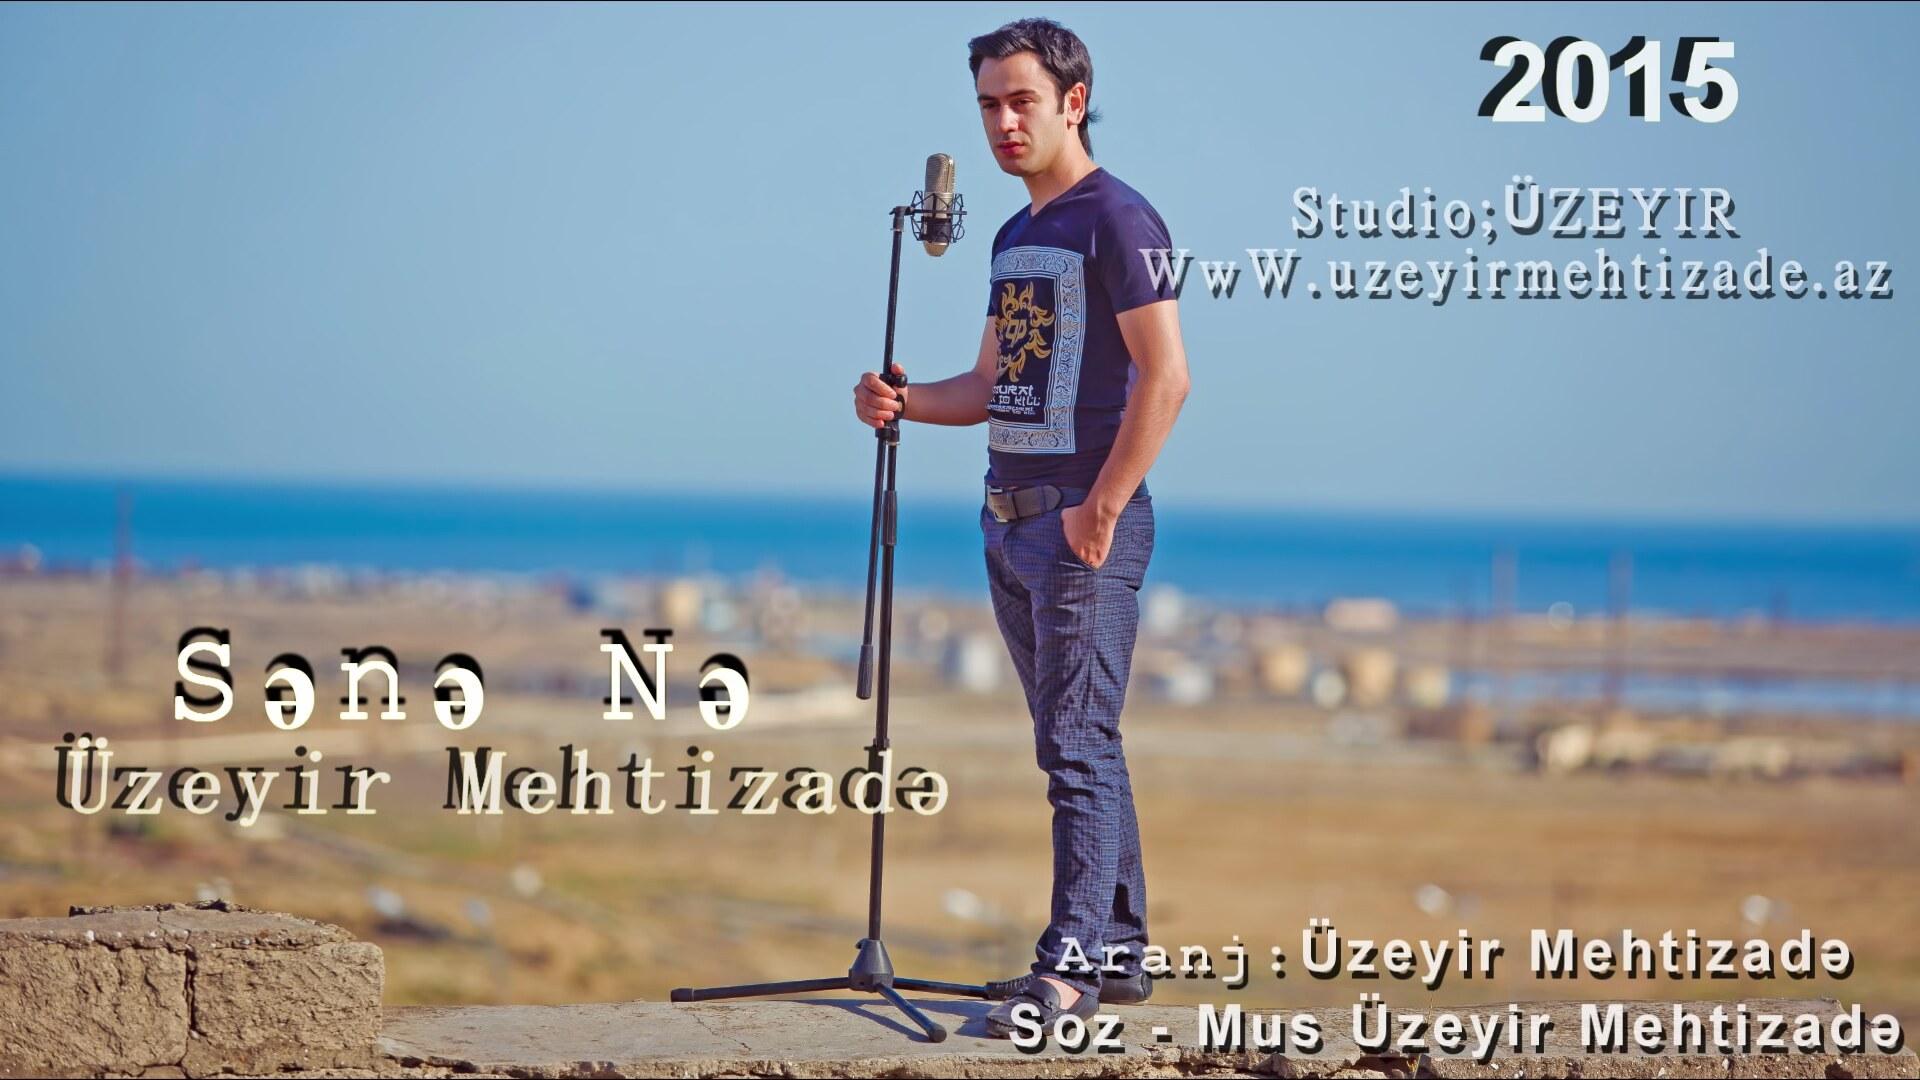 Uzeyir Mehdizade Sana Ne 2015 Izlesene Com